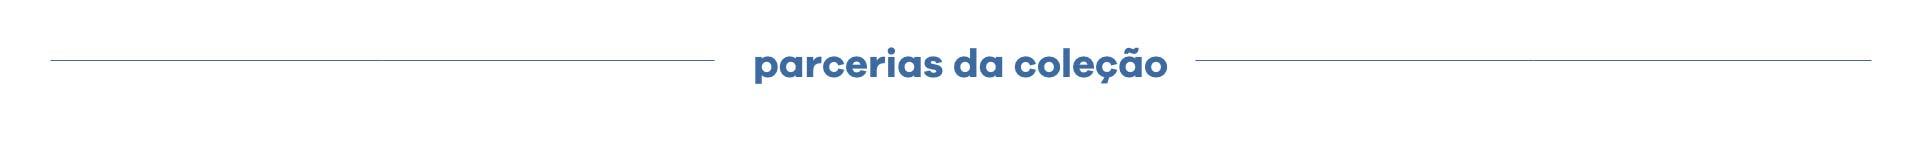 banner tirinha- parcerias